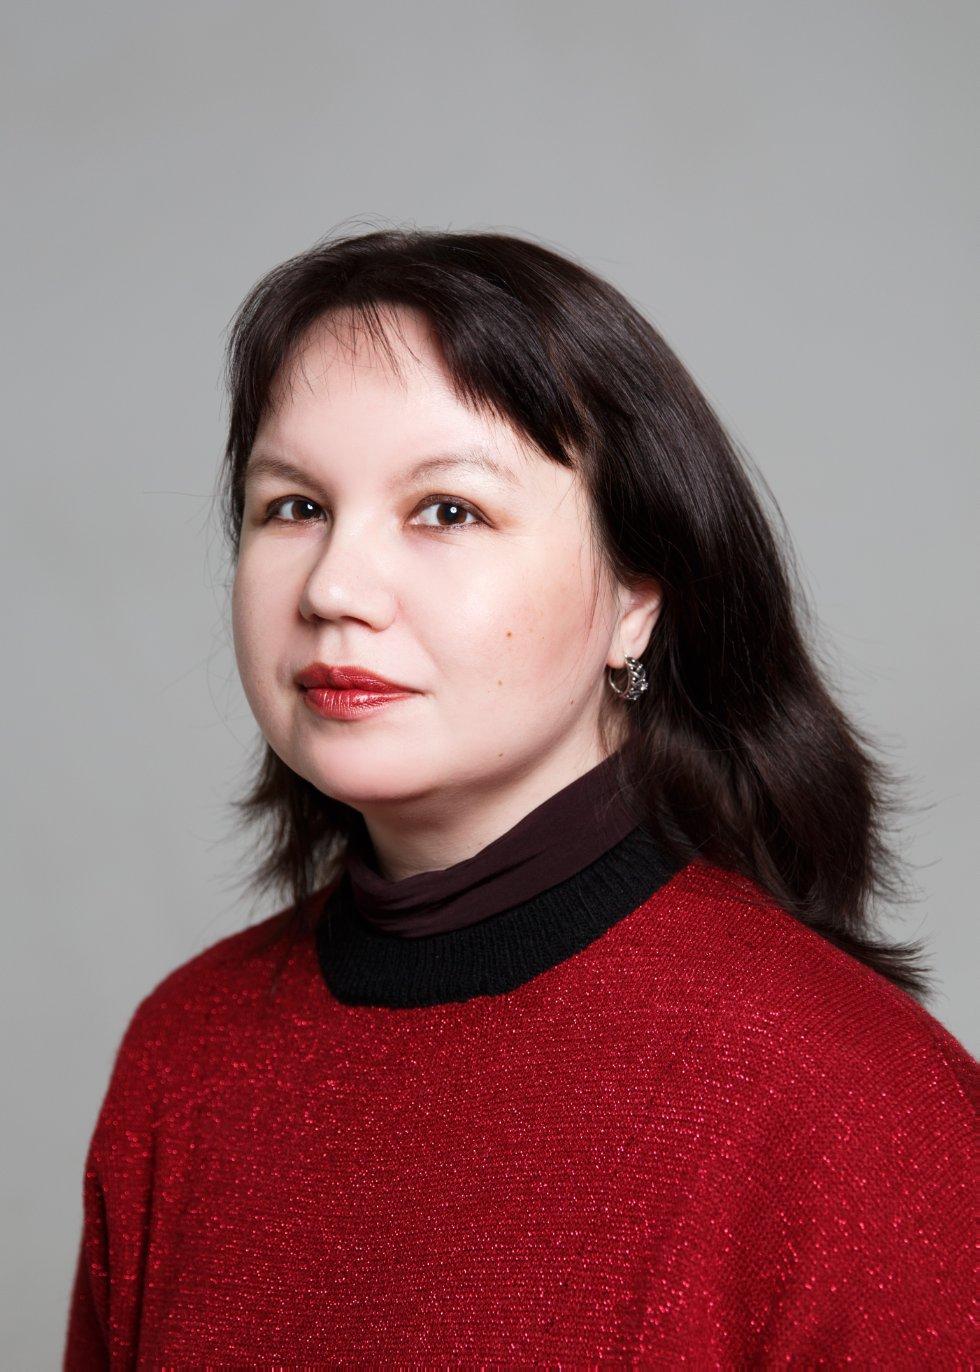 Зайнуллина Миляуша Рашитовна